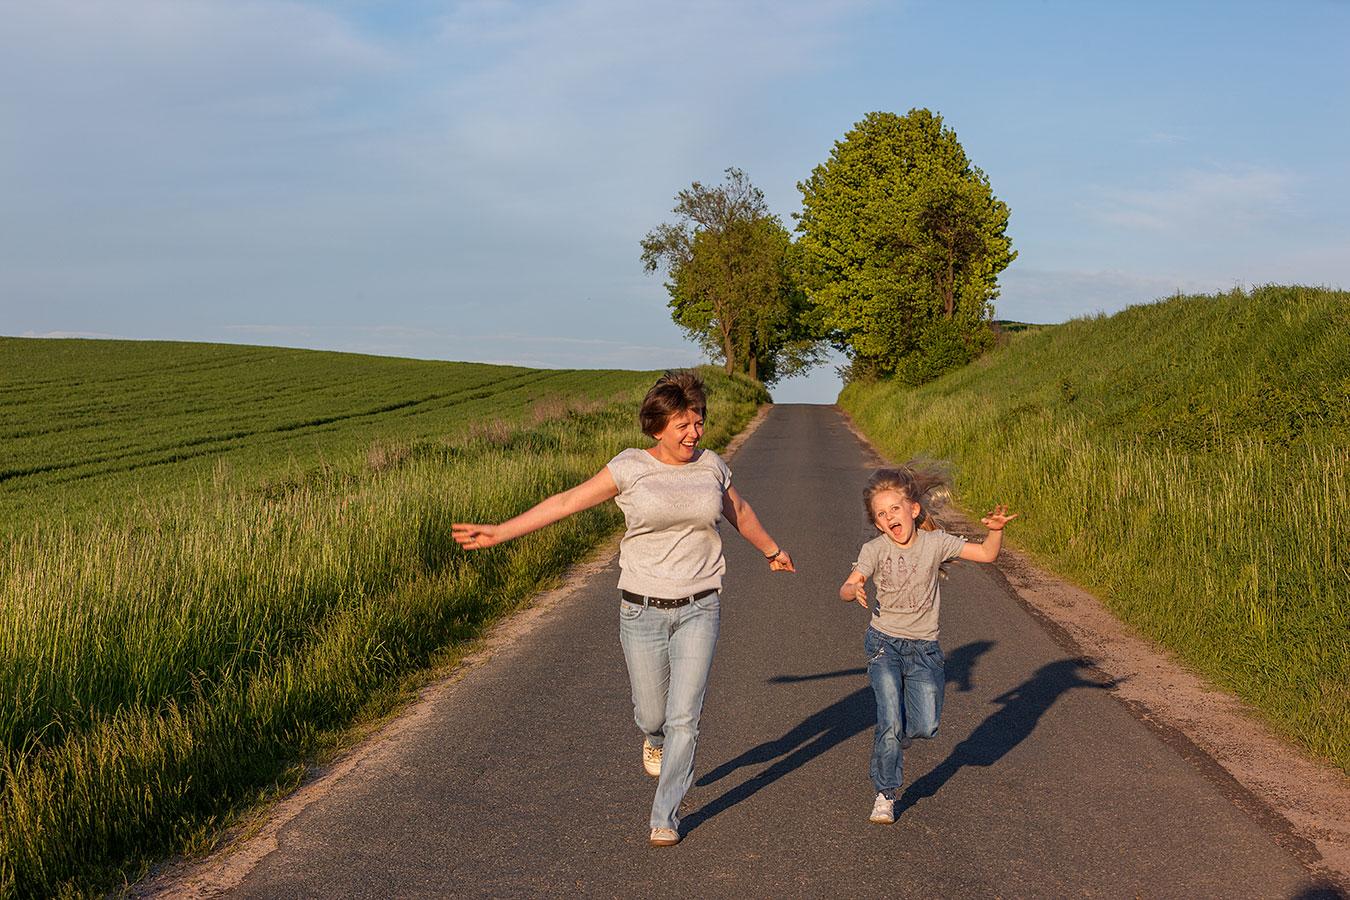 Foto von Mutter und Tochter in Bewegung